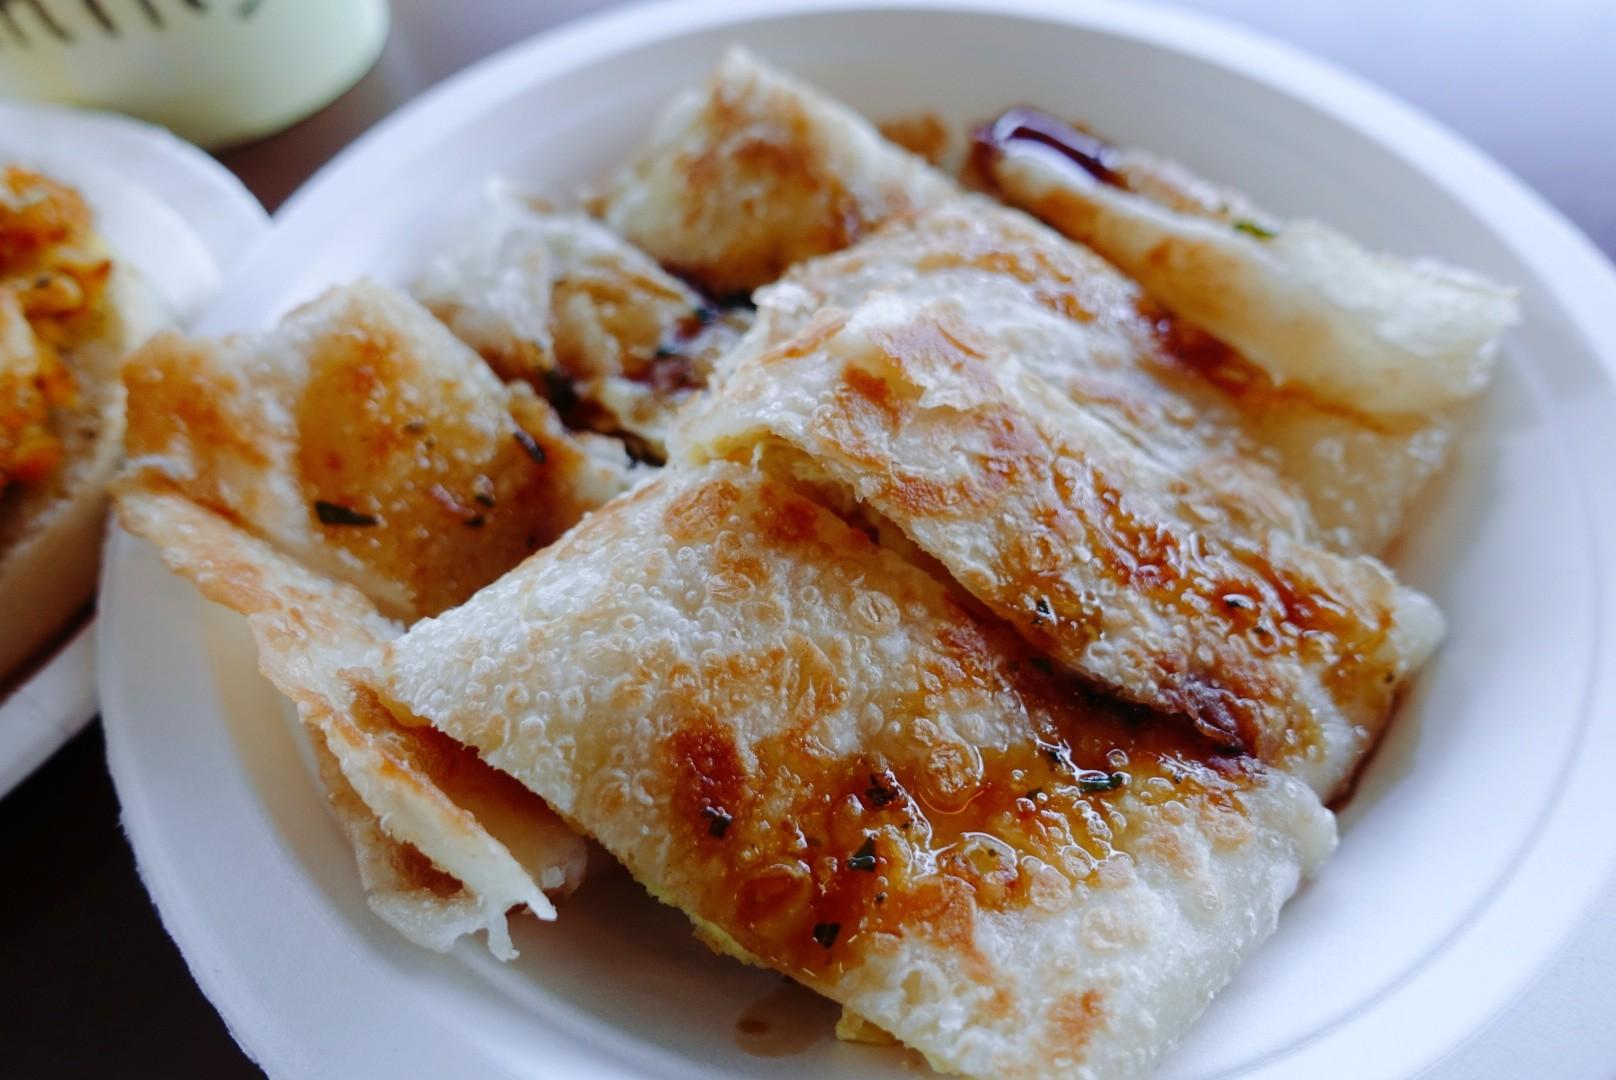 【花蓮市區】府前食坊|蔥油蛋餅酥脆好吃,還有超美味焗烤南瓜|美崙超人氣老店